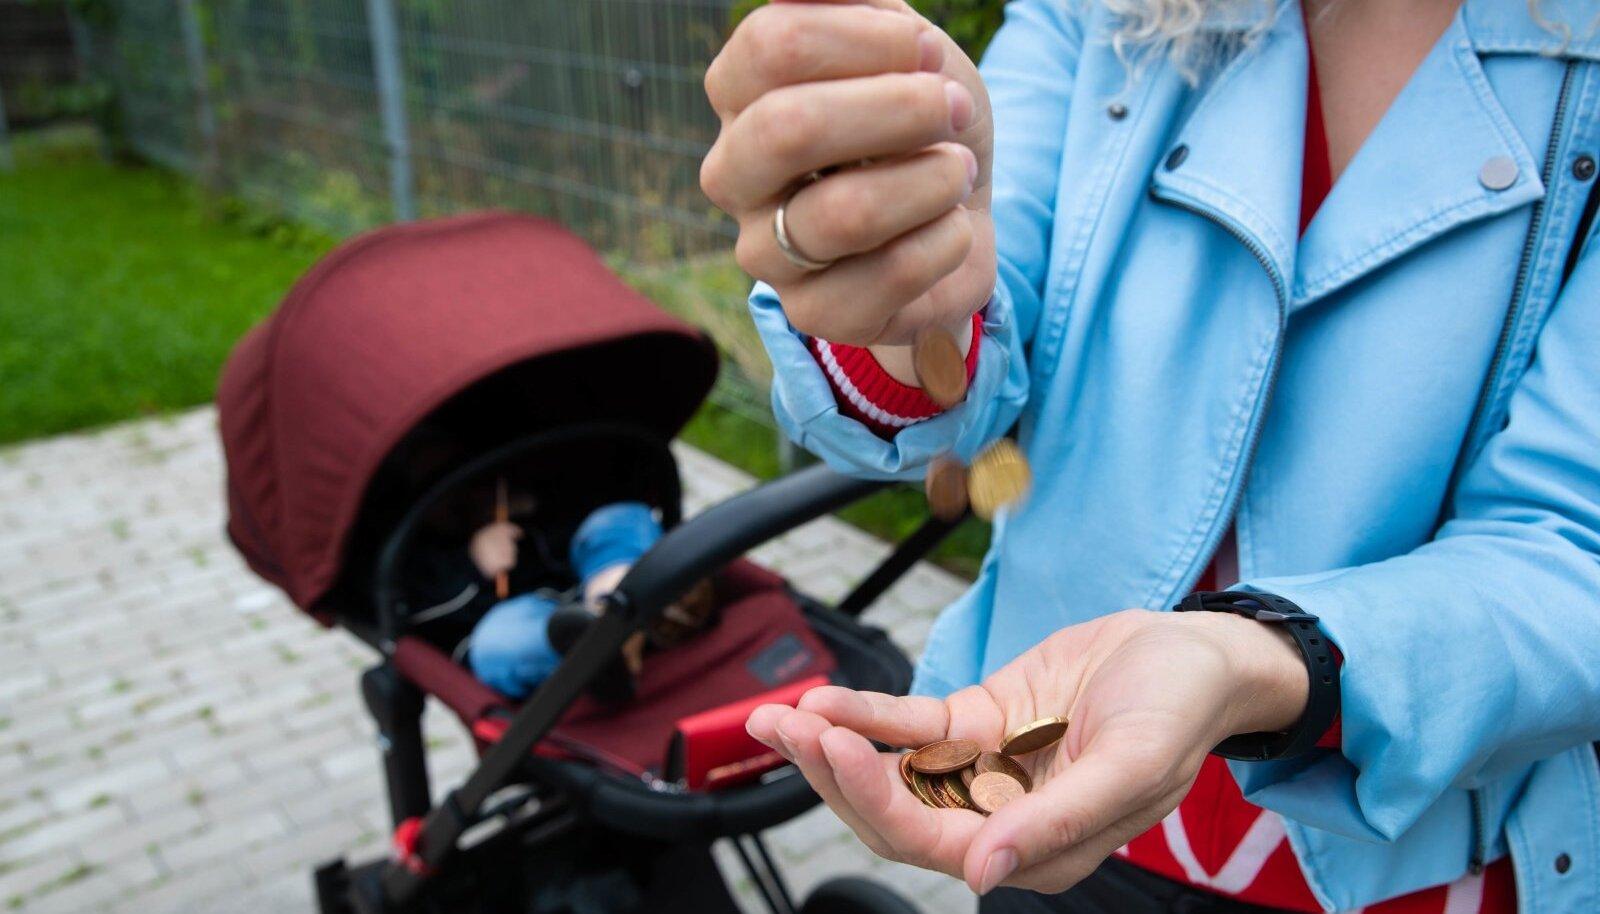 Eestis on ligikaudu 42 000 üksikvanemat, kes on õigustatud saama teiselt vanemalt lapse ülalpidamiseks elatisraha.